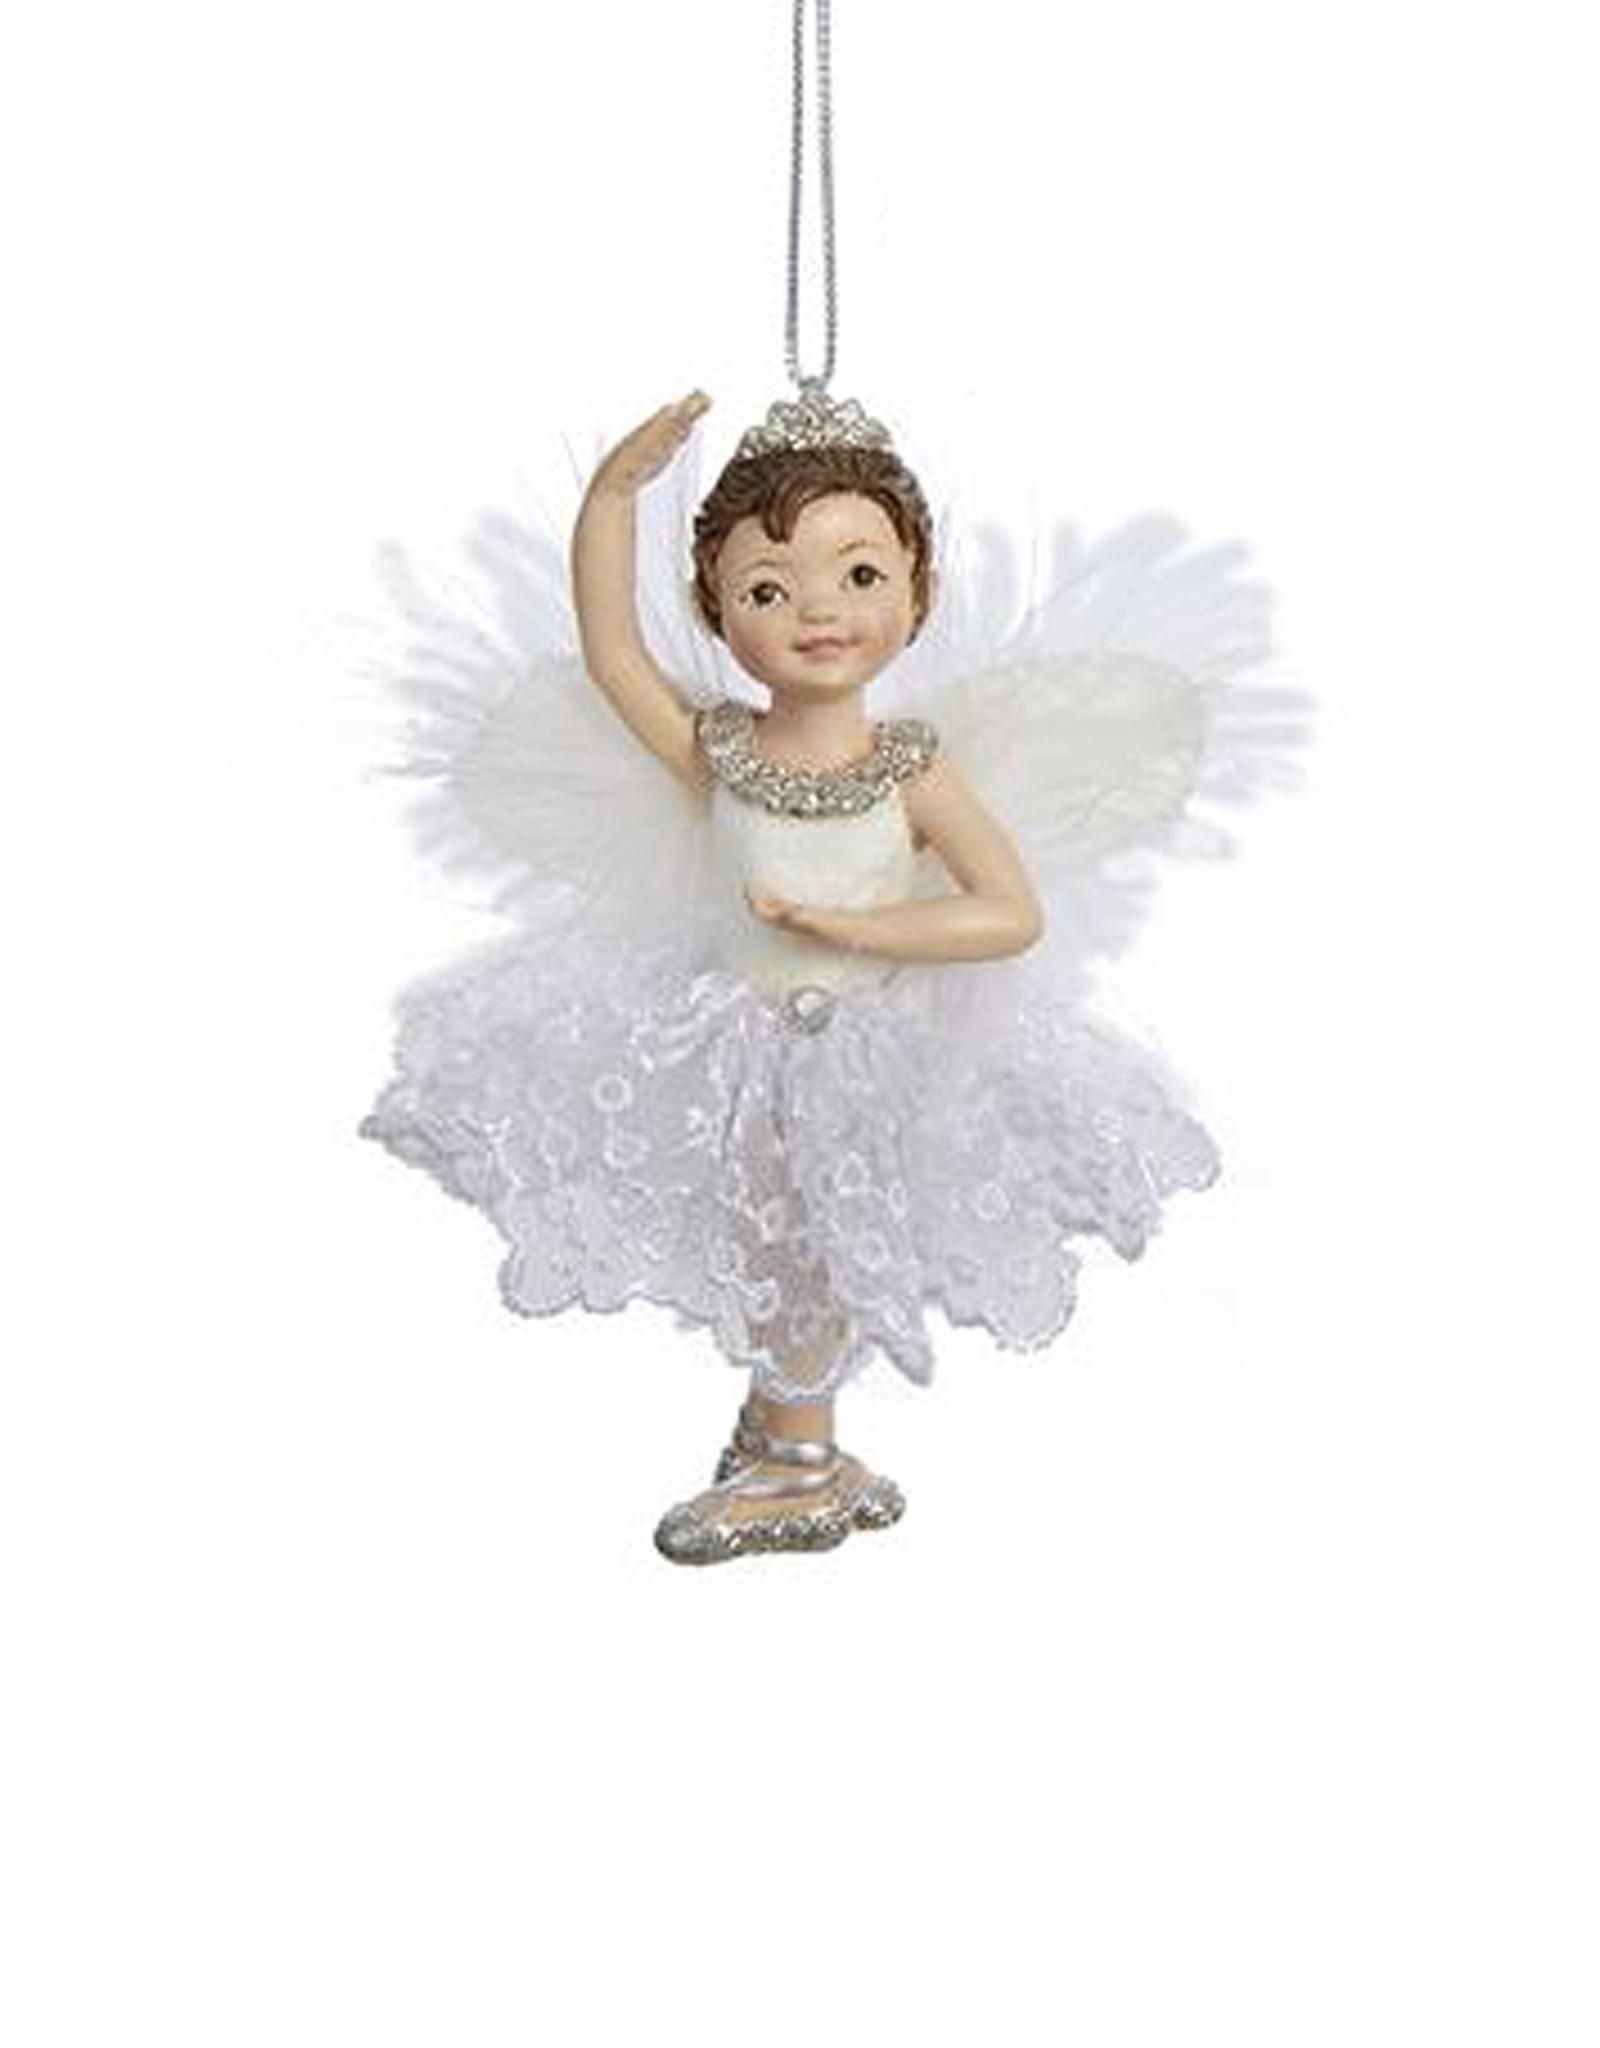 Kurt Adler Ballerina Angel Christmas Ornament White Silver Tutu -C